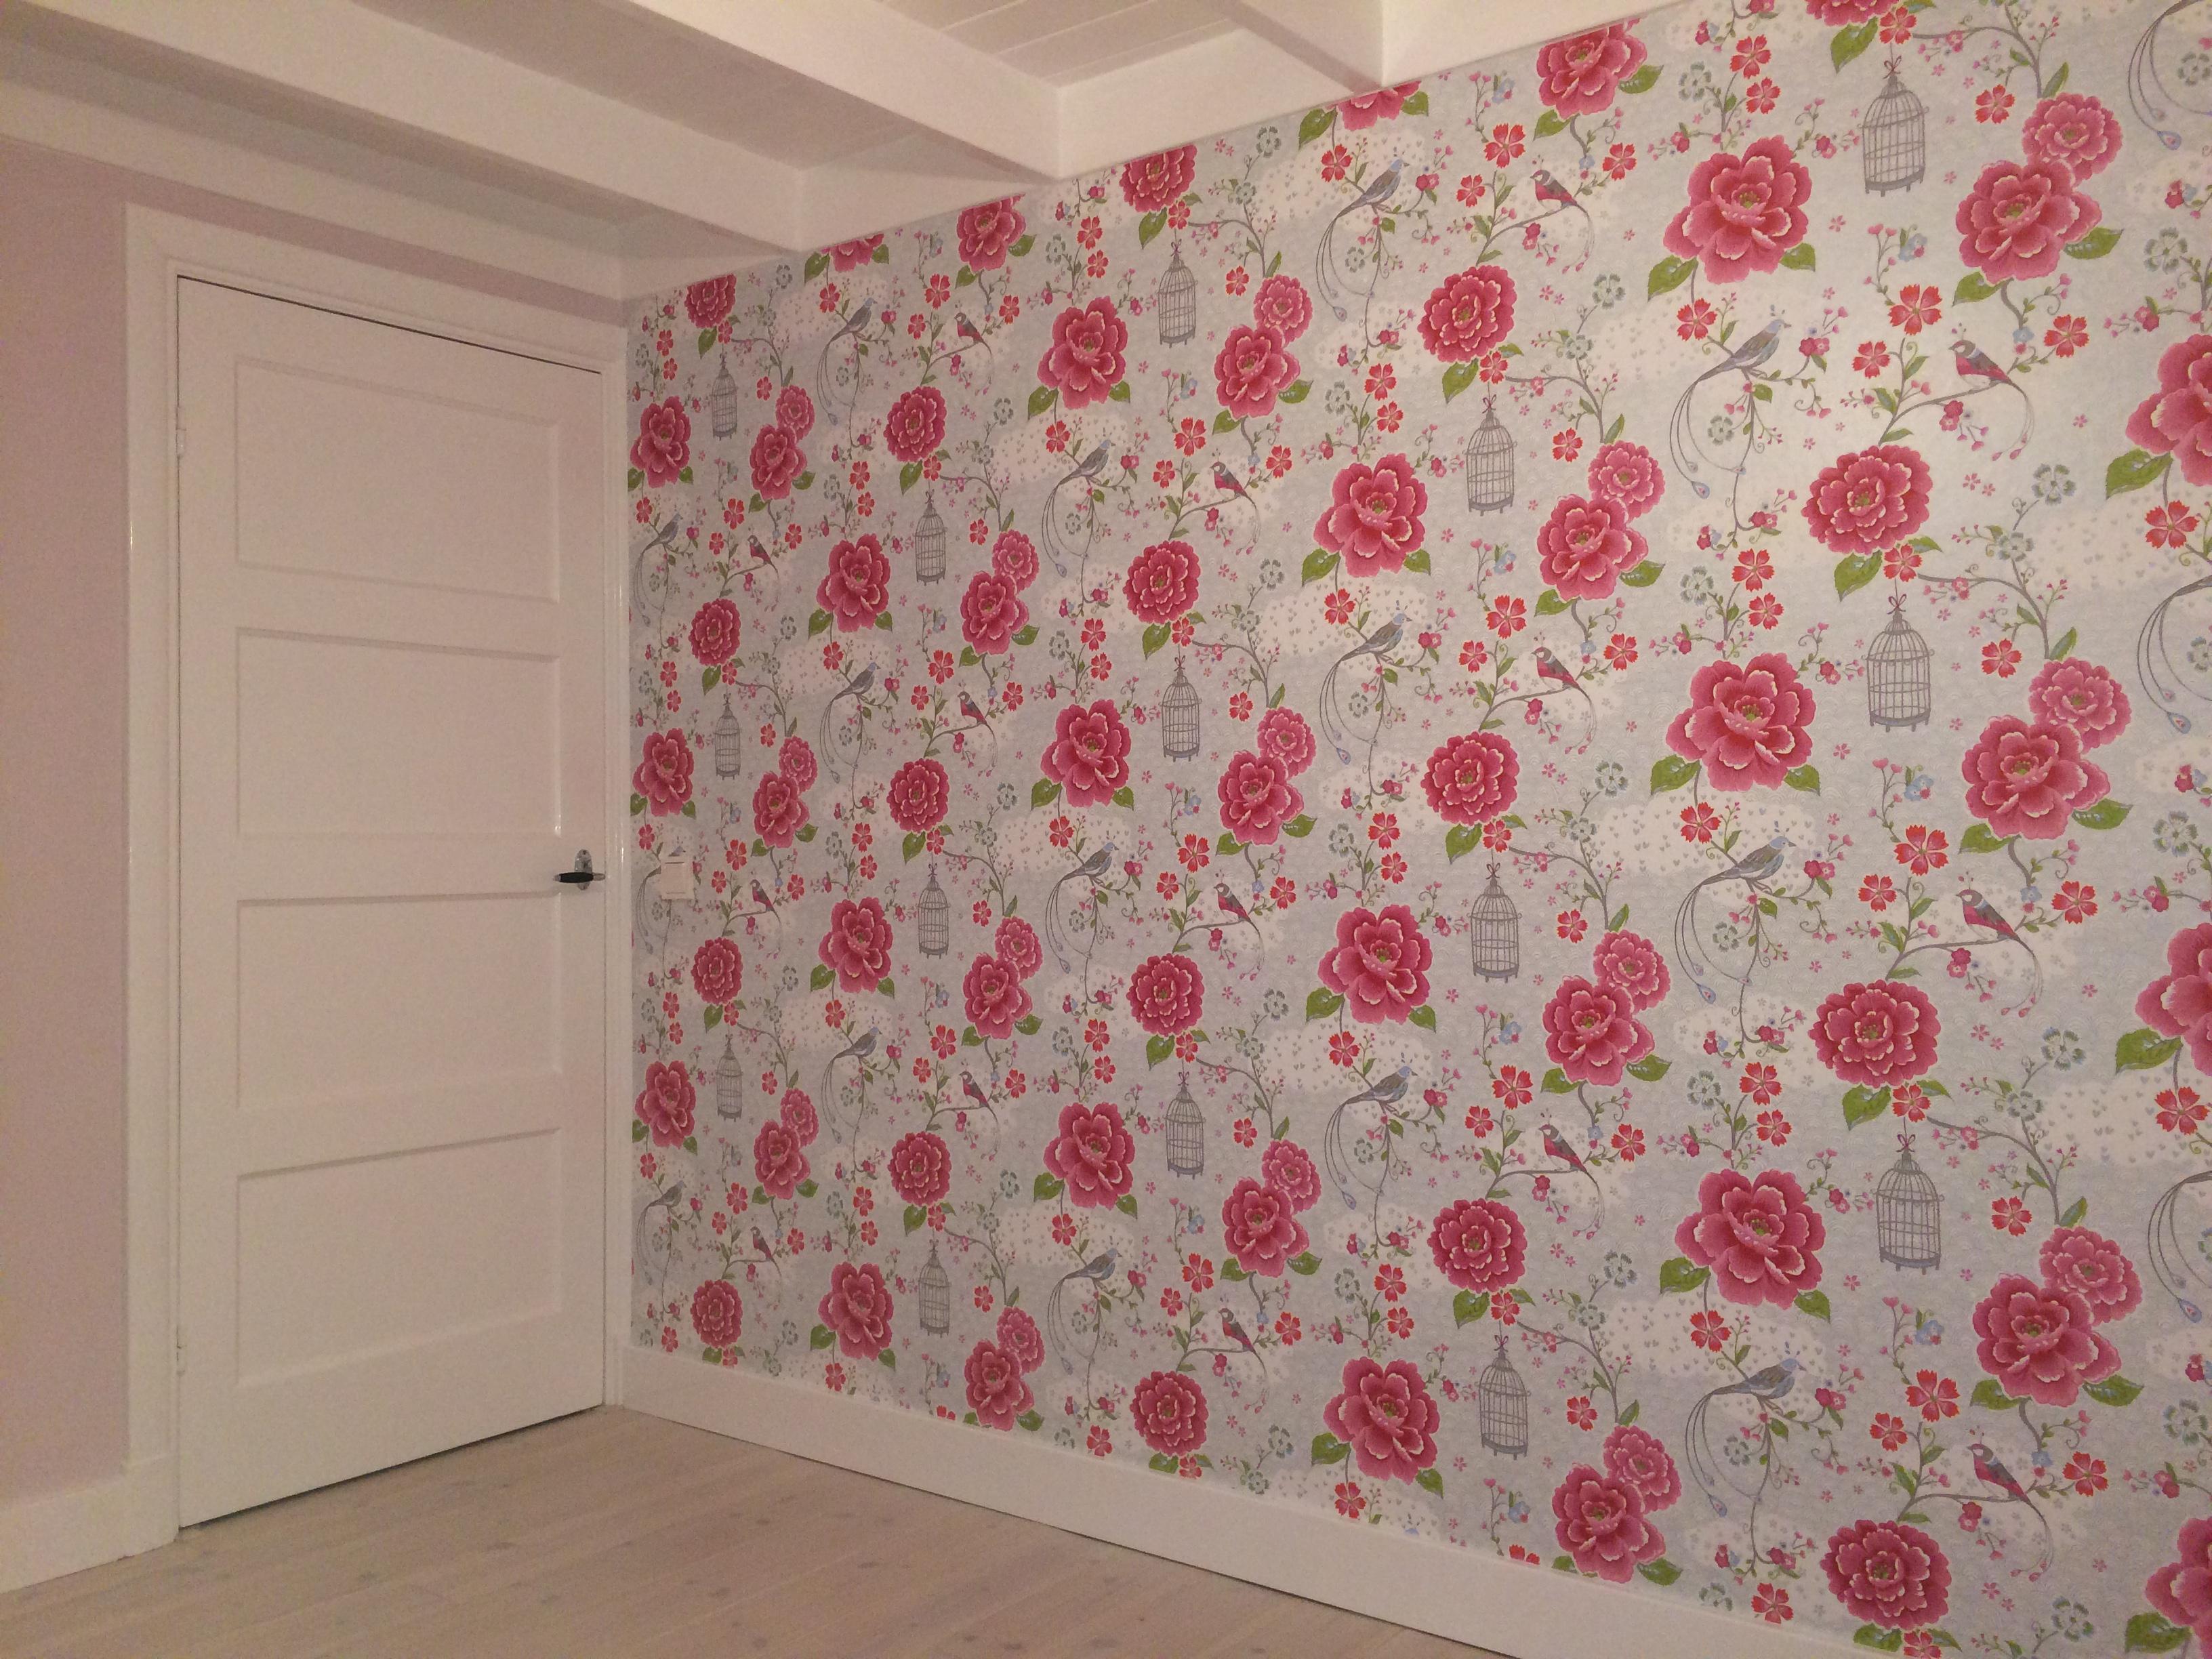 Ontwerp fotobehang slaapkamer - Behang voor volwassen kamer ...